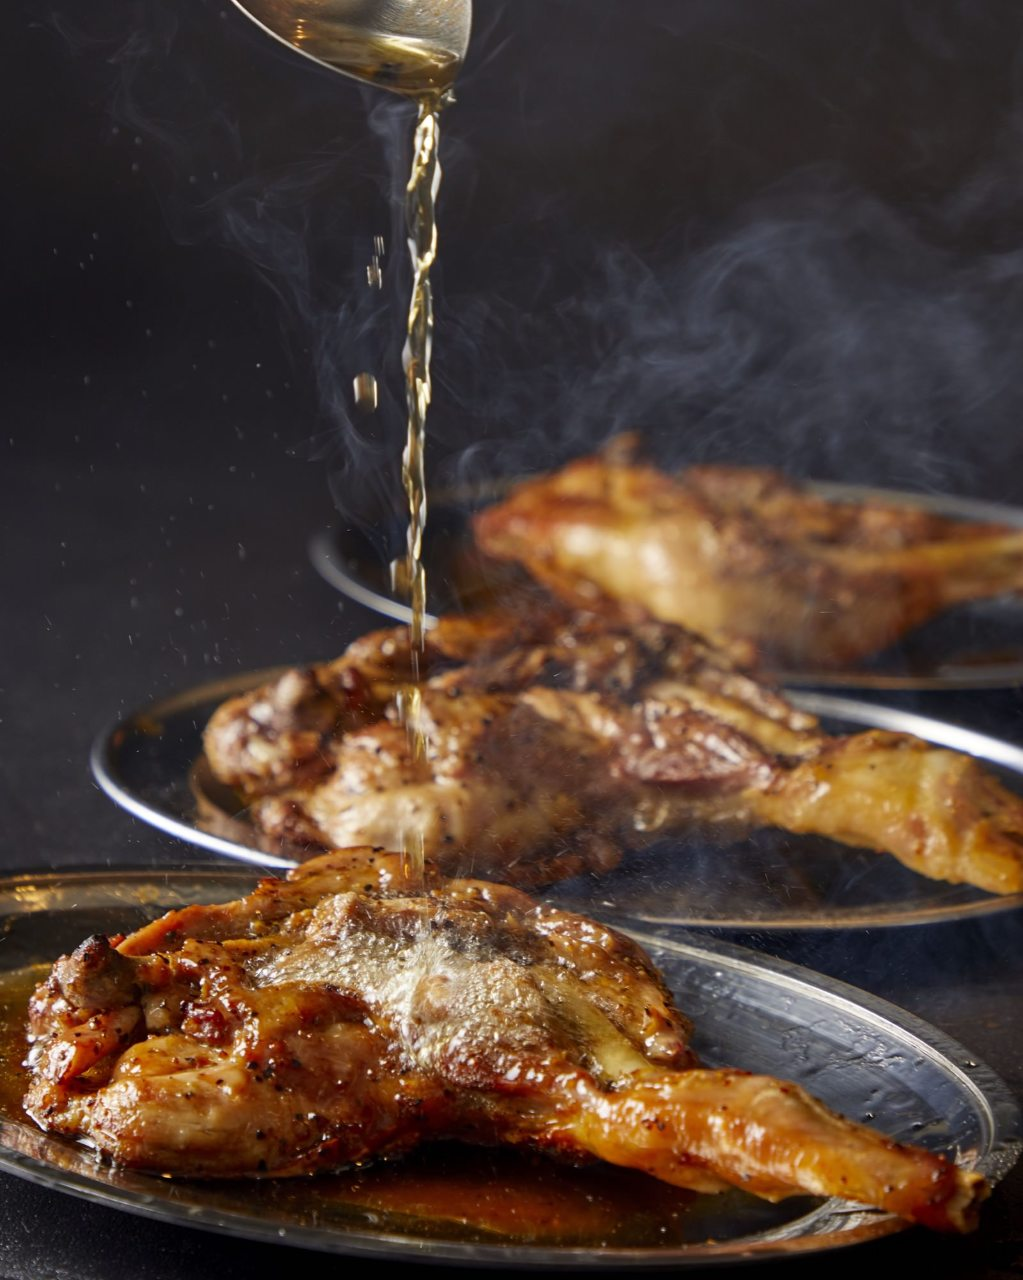 かしわ屋最強名物「骨付き鶏」